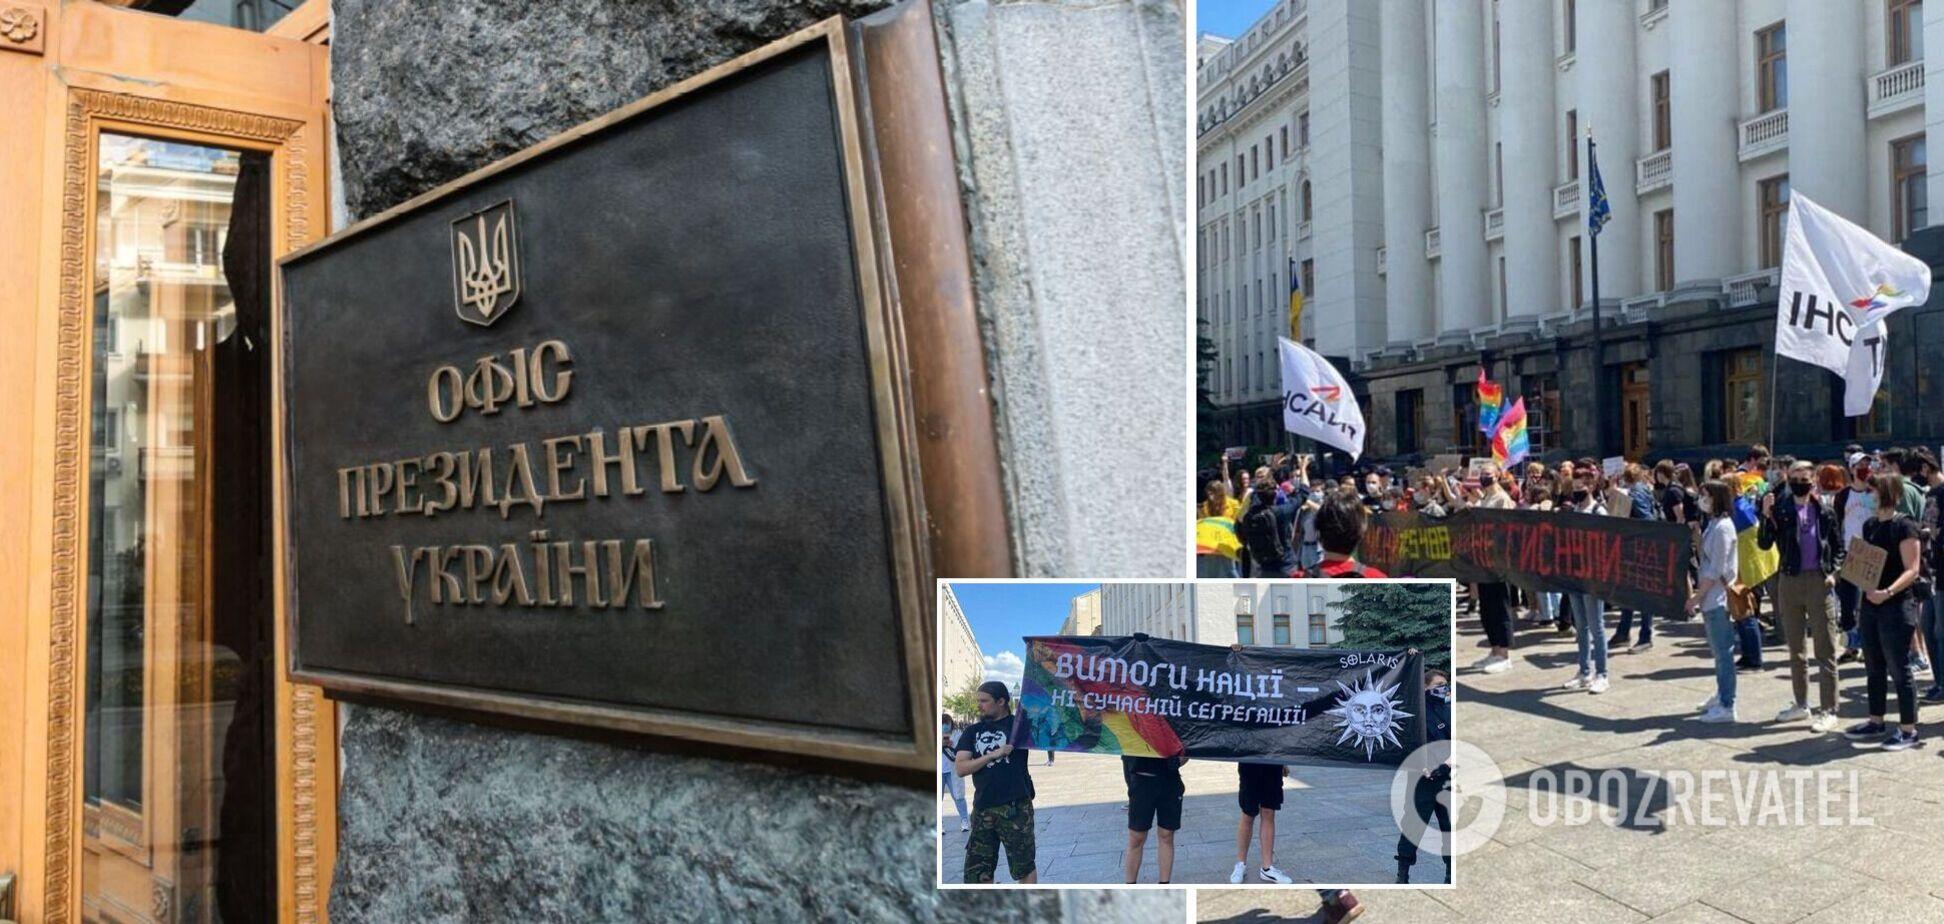 В Киеве на митинг под ОП вышли ЛГБТ-активисты и их противники: произошли задержания. Фото и видео